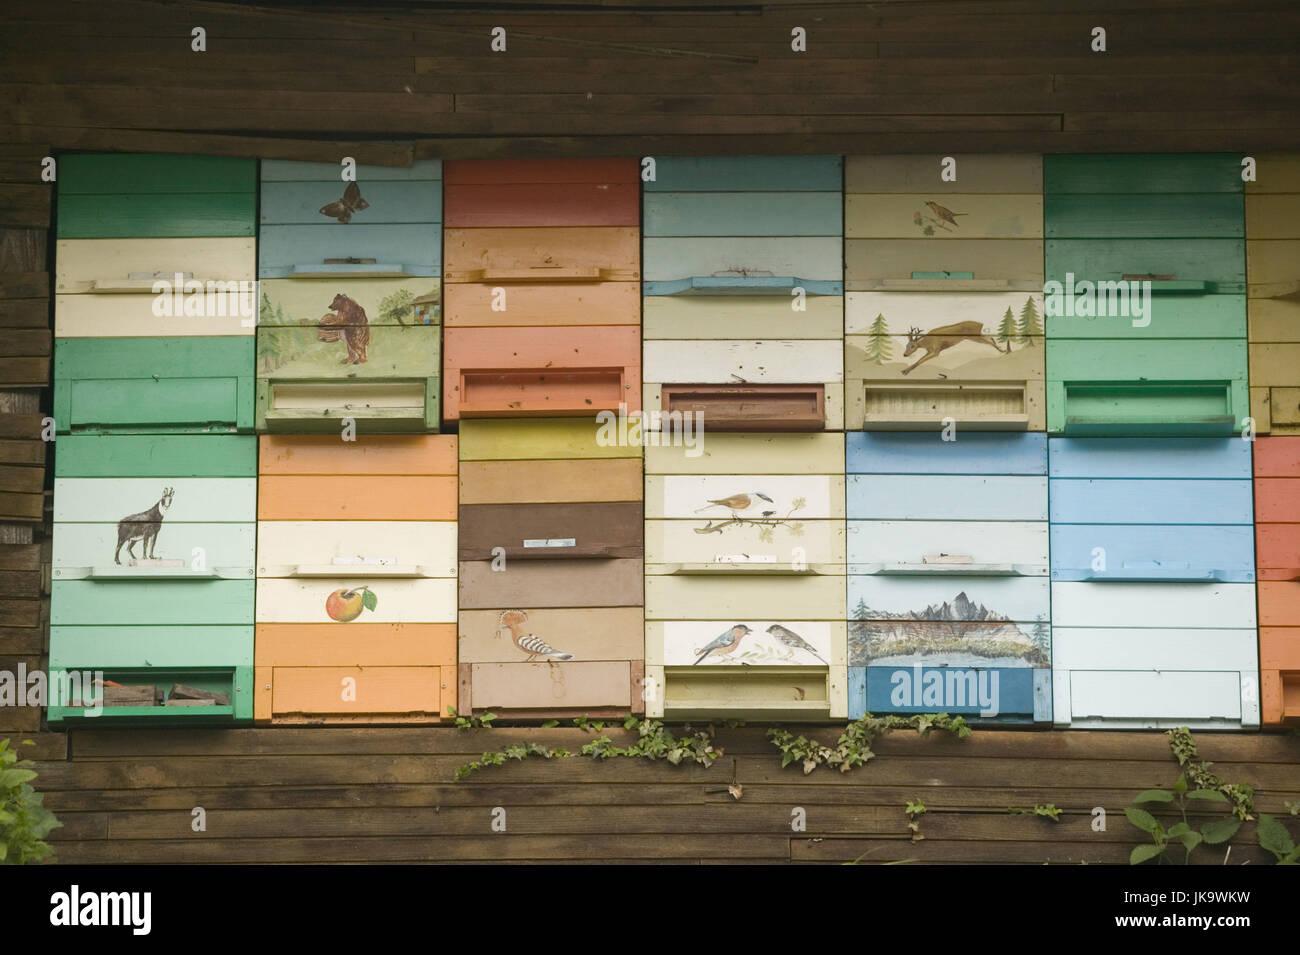 Slowenien, Region Primorska, Bienenhaus,  bemalt,   Idrija, Imkerei, Bienzucht, Hütte, Bienenstand, Bienenstöcke, - Stock Image